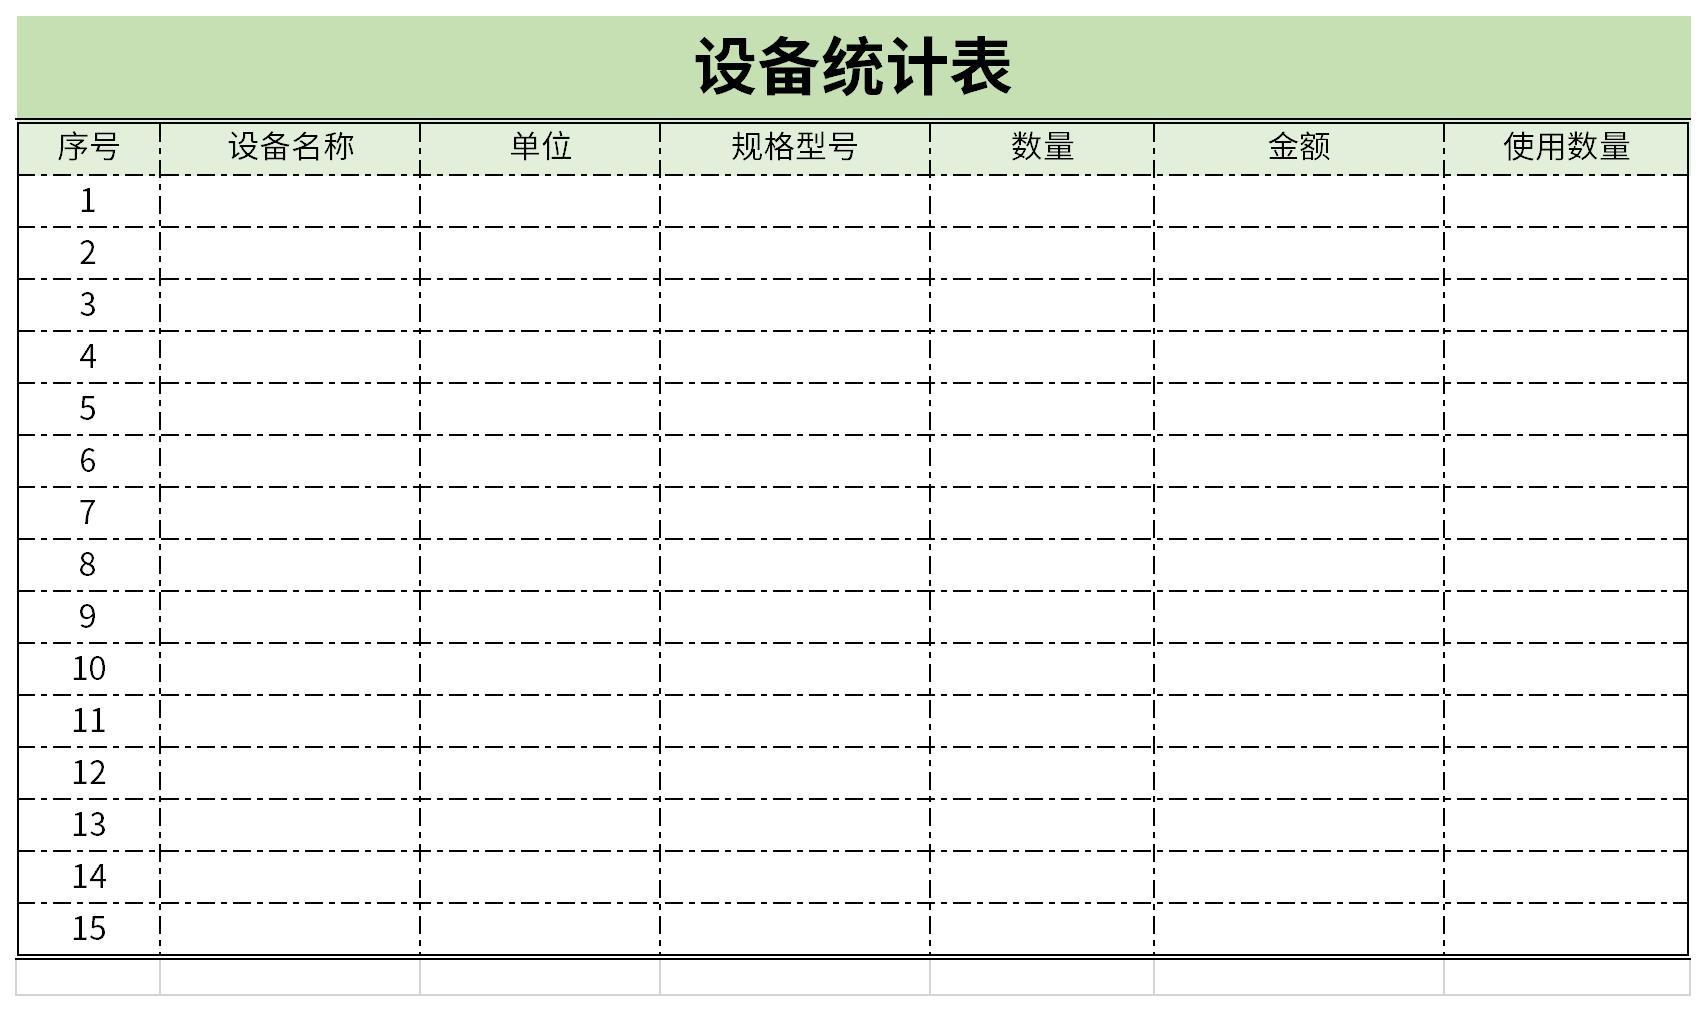 设备统计表截图